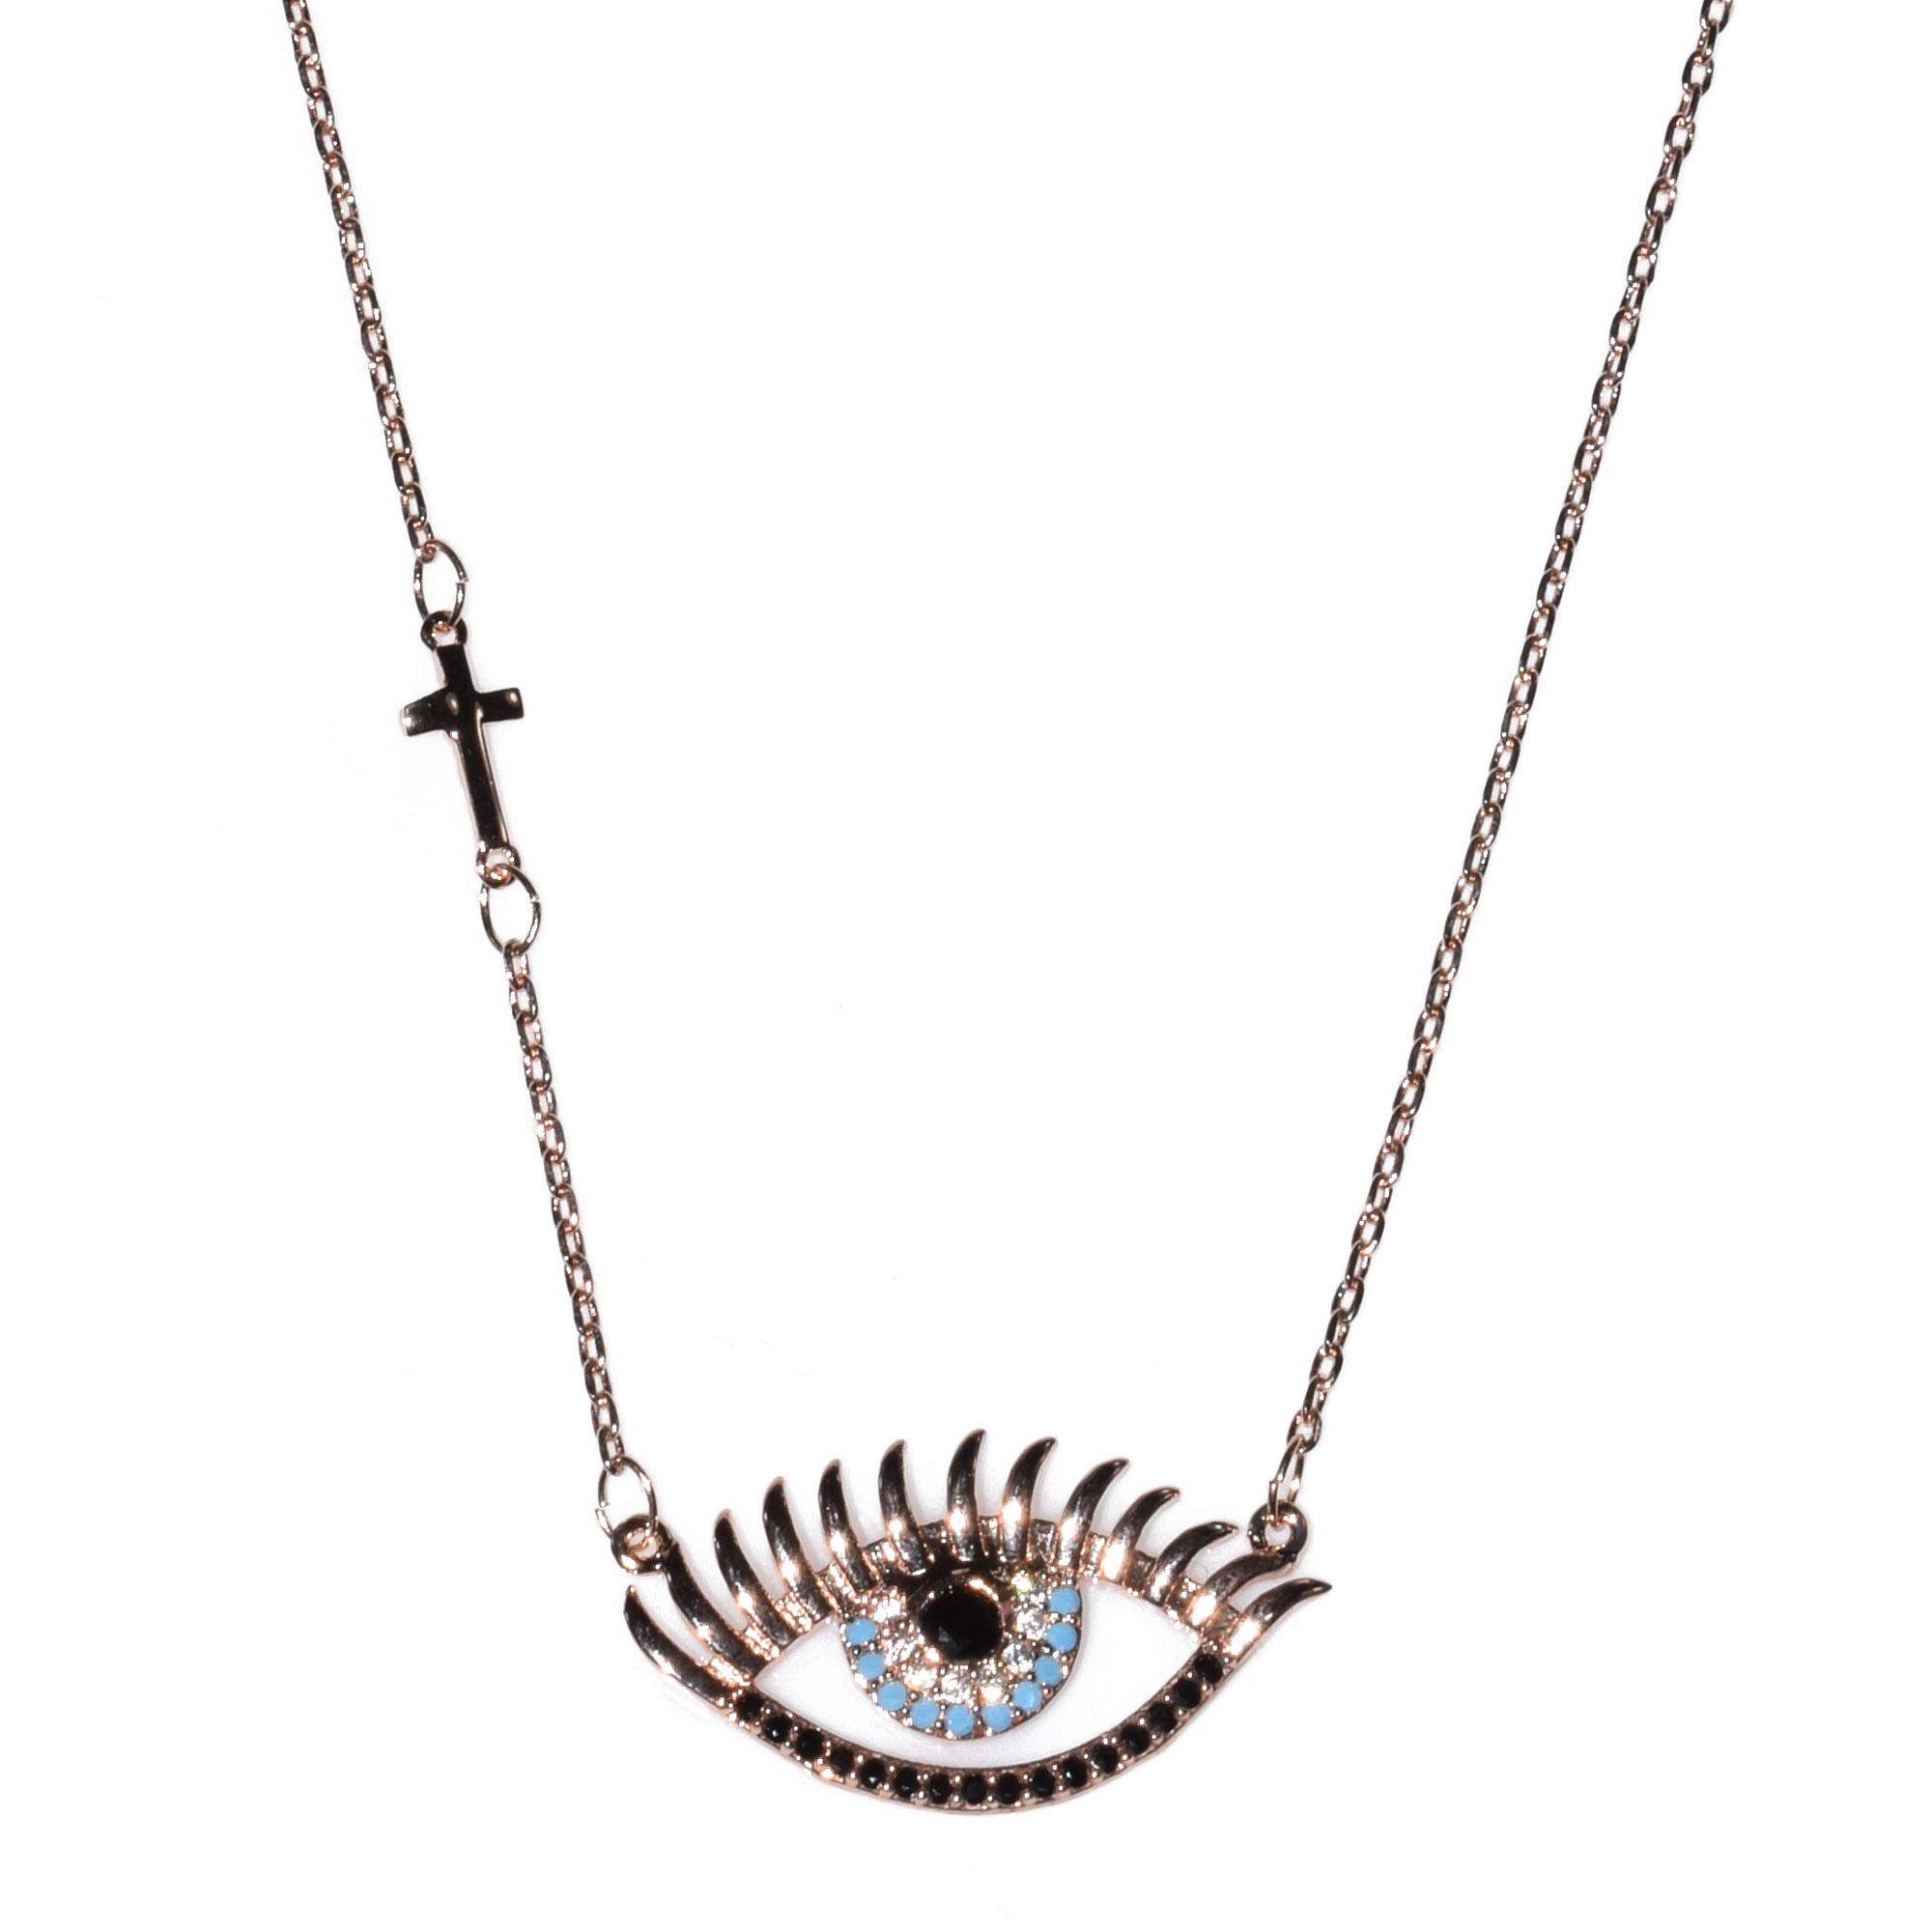 Κολιέ ατσάλινο (stainless steel) ροζ χρυσό (μάτι με σταυρό) με κρυστάλλους  BZ-NK-00108 fbb09d6188d